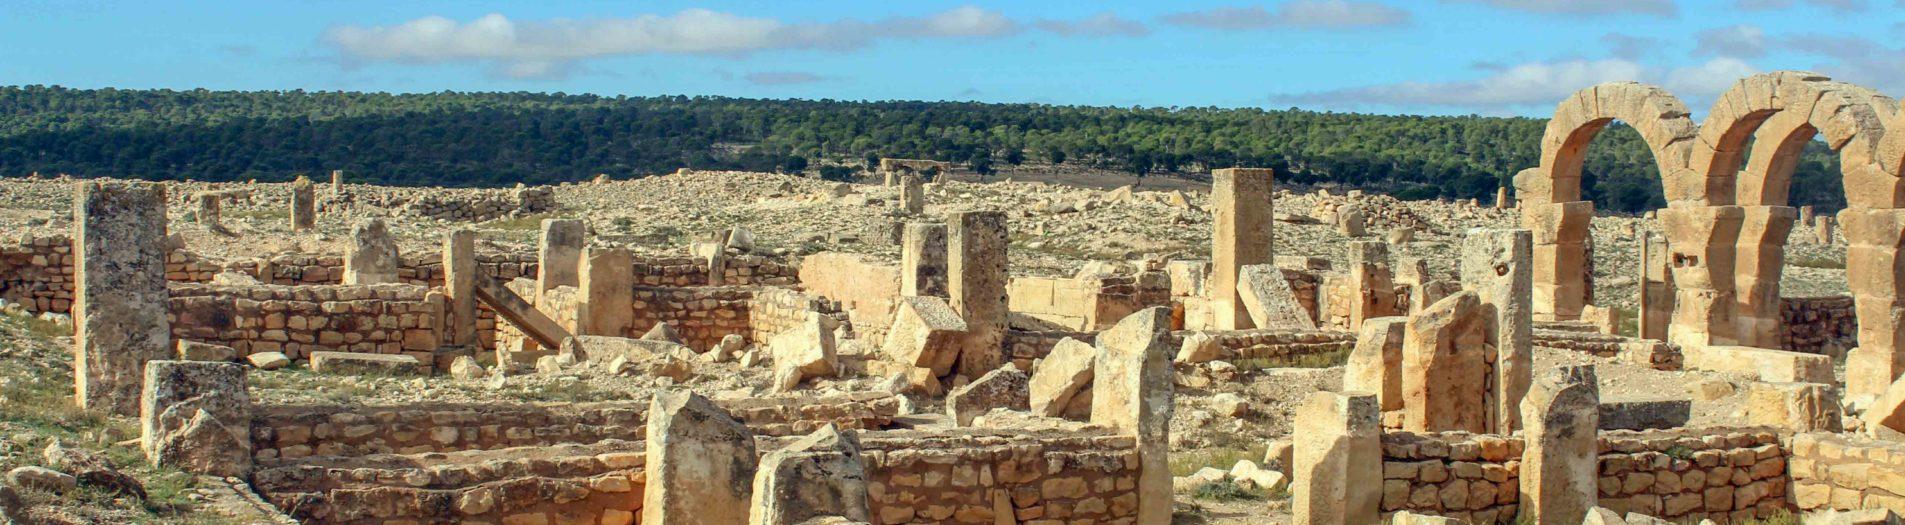 El Gousset, une ville vandale en Tunisie